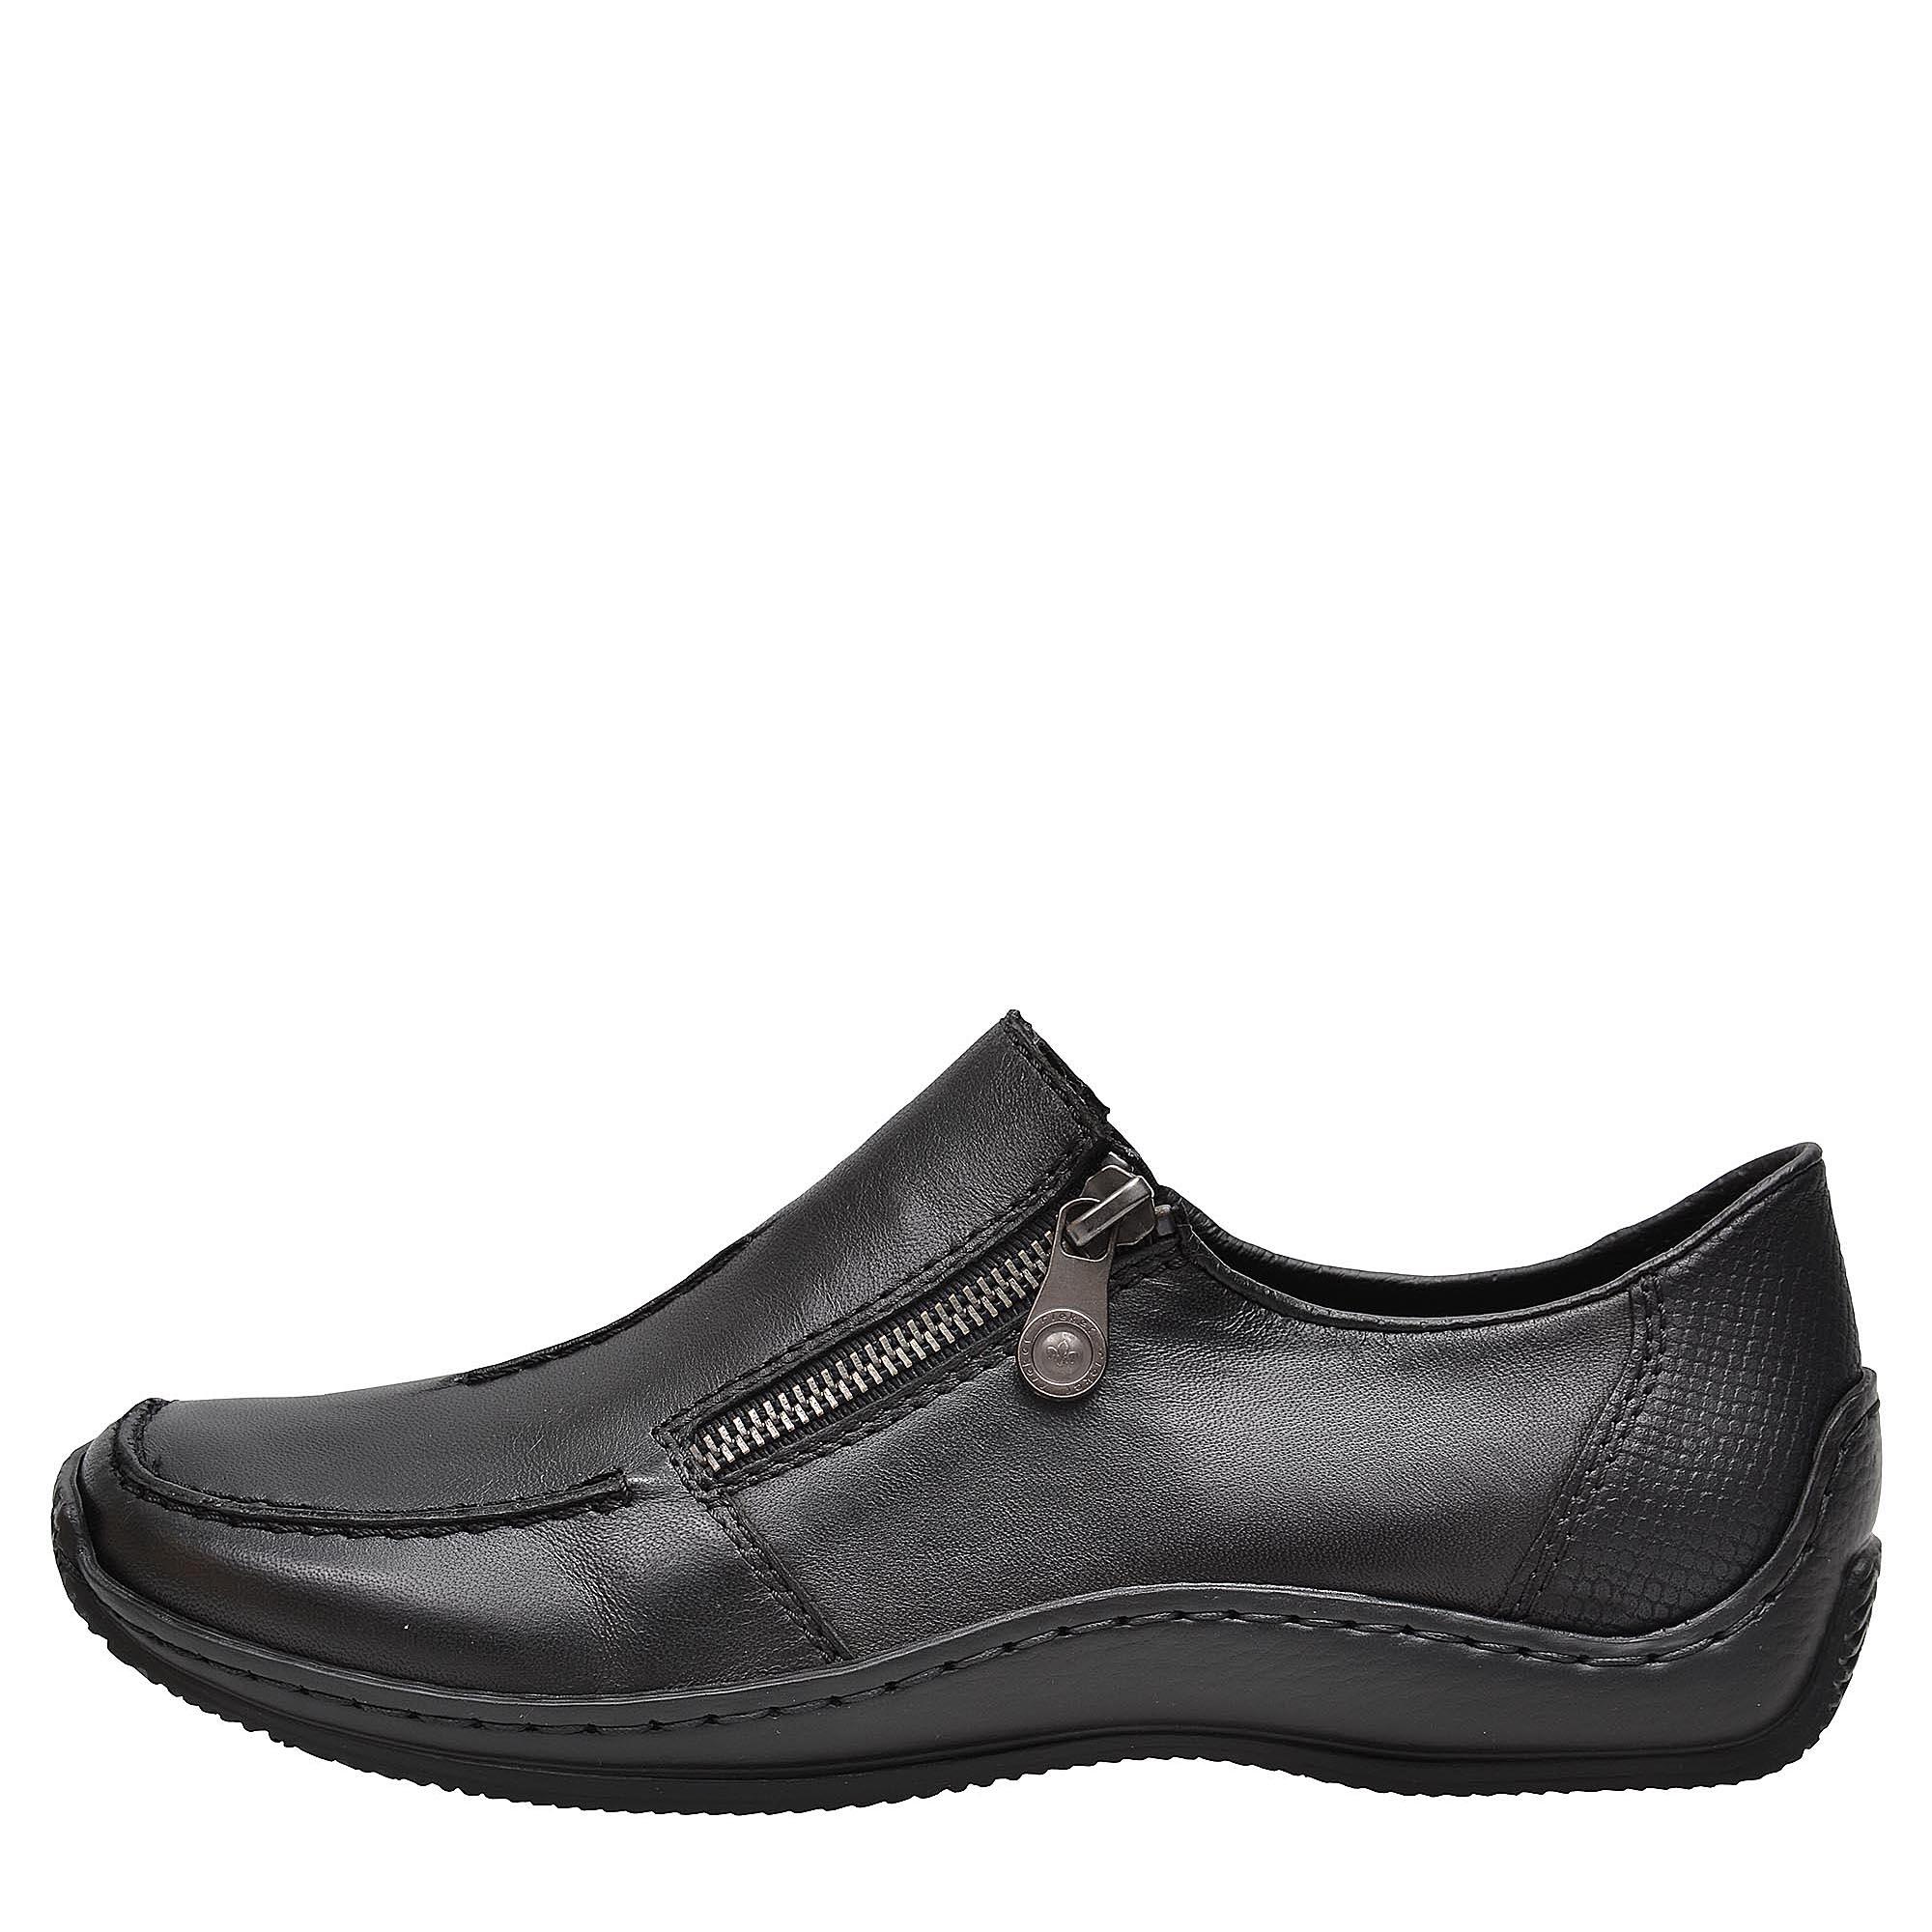 65fec86bd2abd Dámska obuv RIEKER L1780/00 SCHWARZ H/W 8 | Rieker